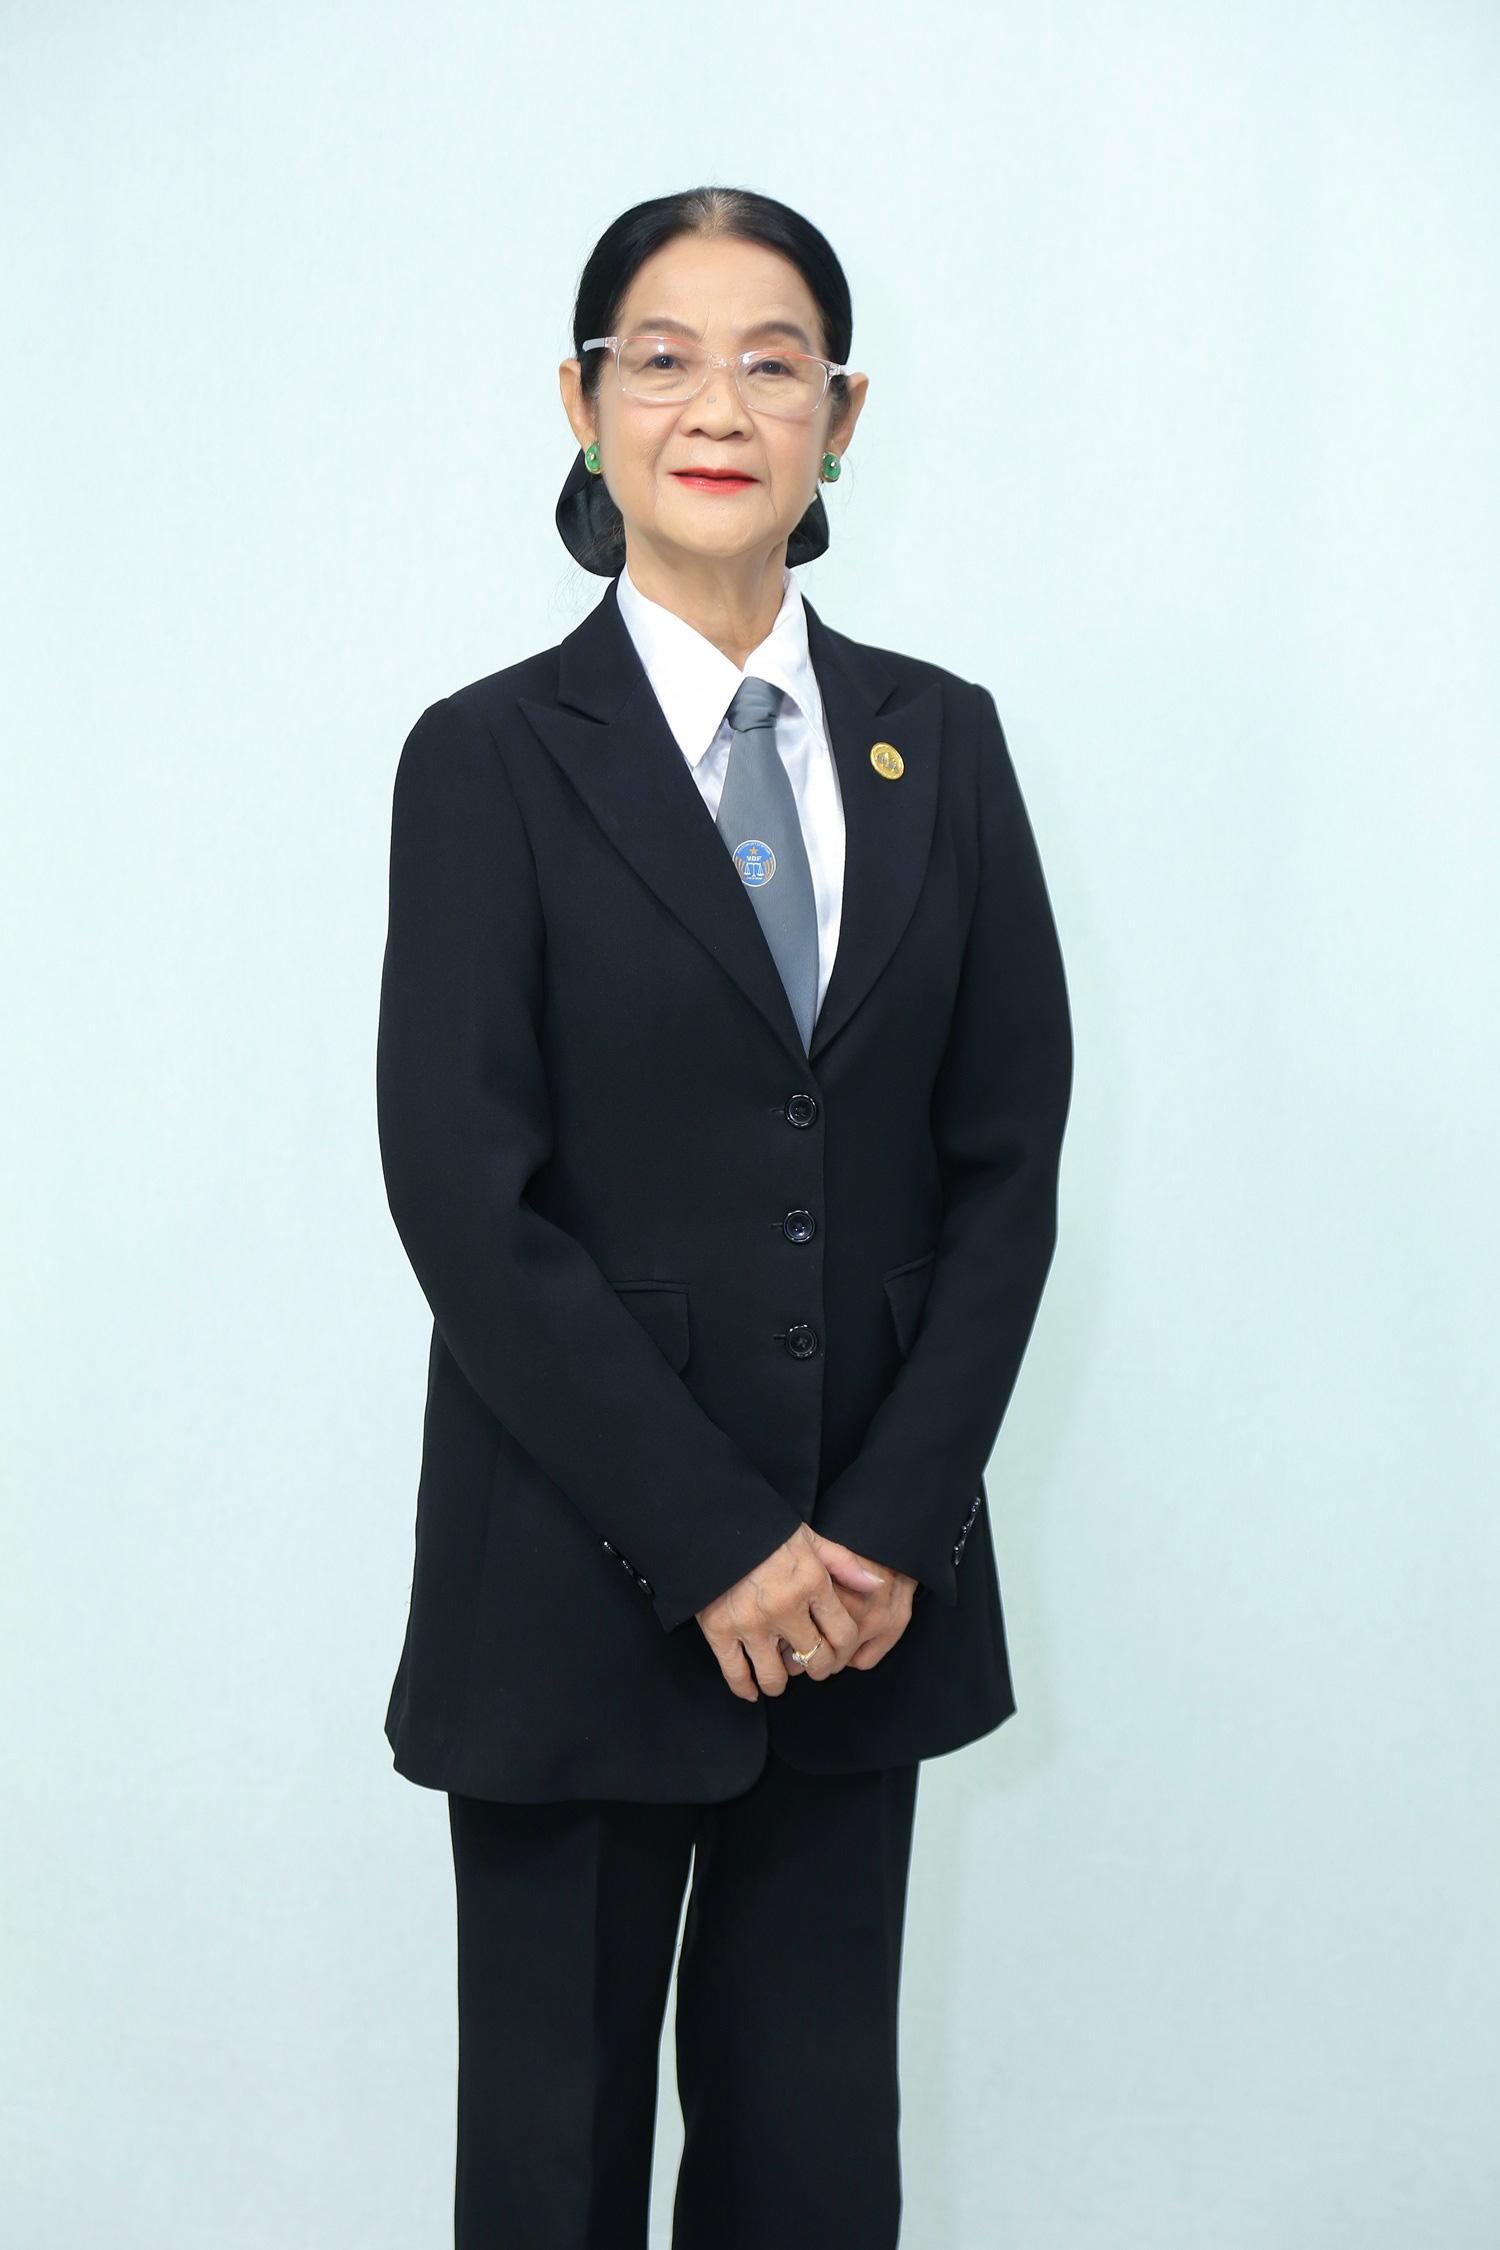 Luật sư Trương Thị Hòa bức xúc vì phim ảnh thường chế giễu những người đồng giới - Ảnh 4.